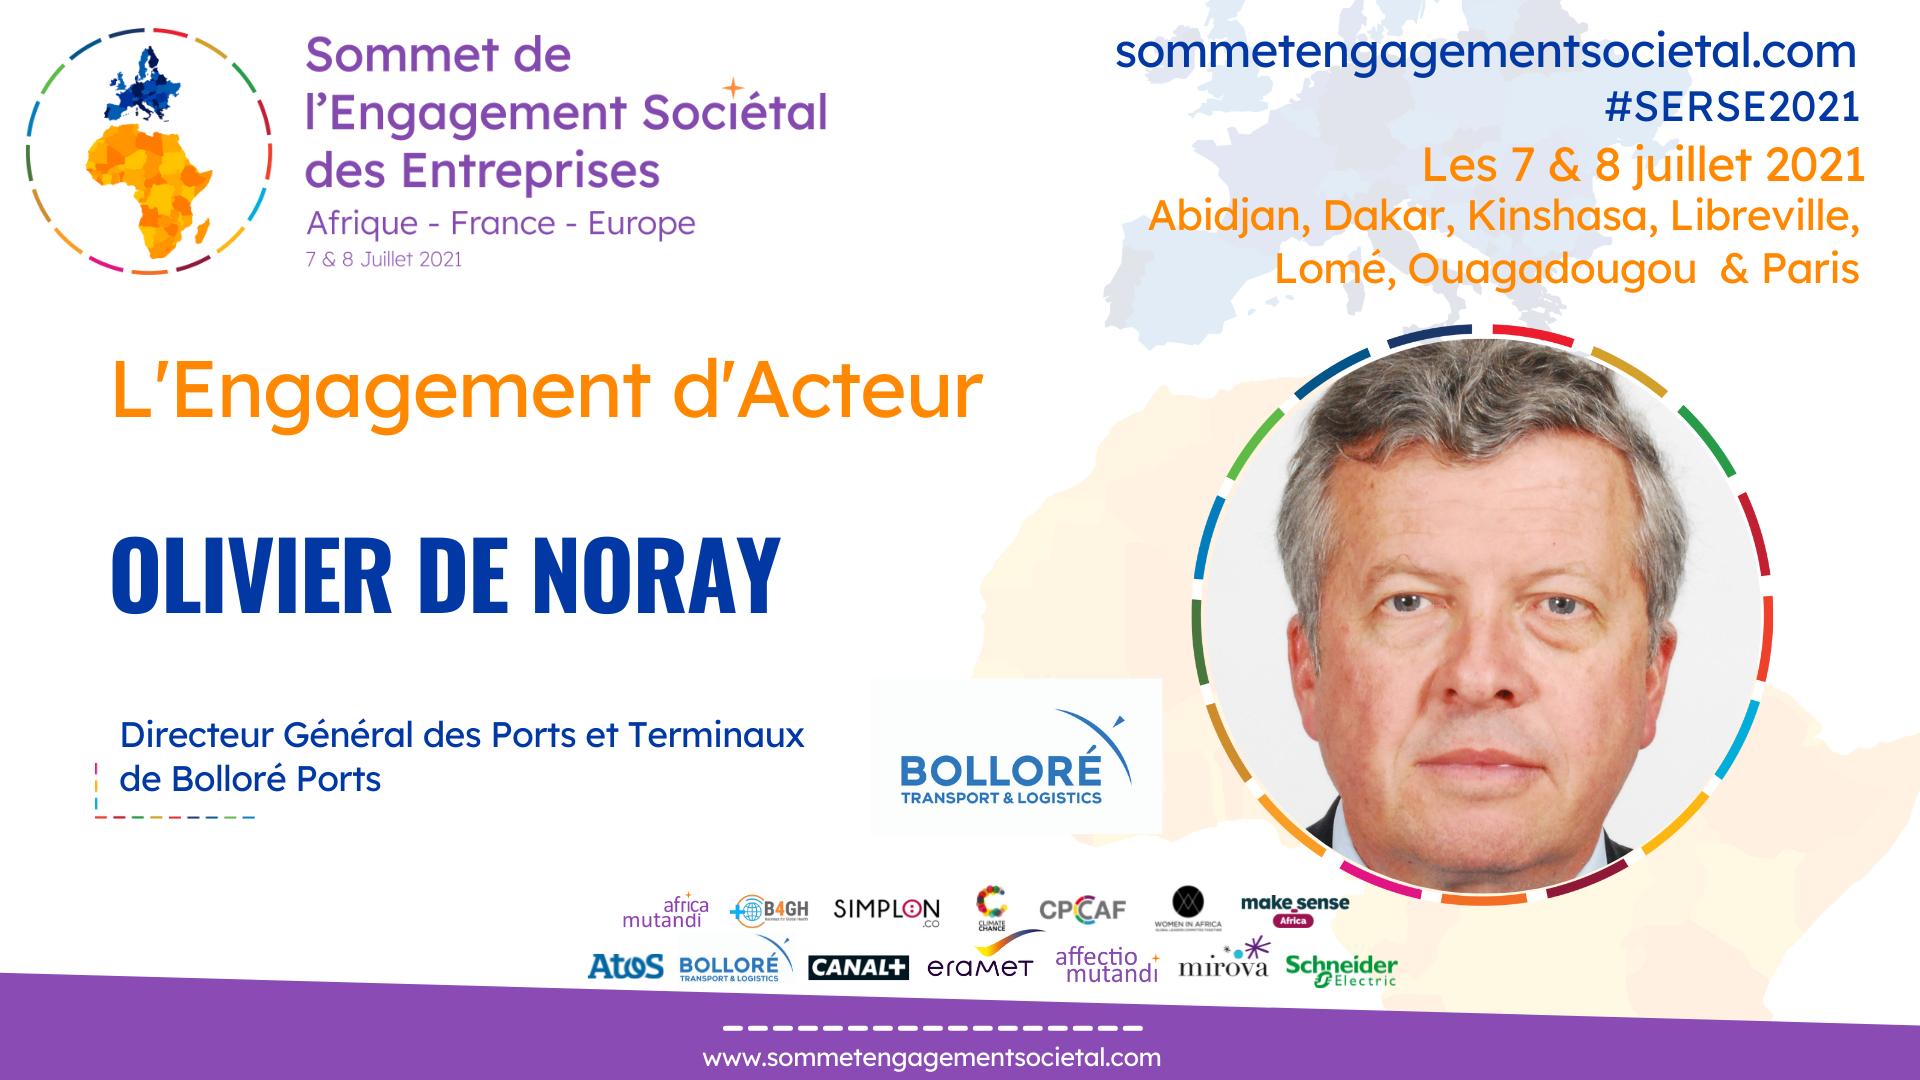 Olivier de Noray présente le label Green Terminal de Bolloré Ports